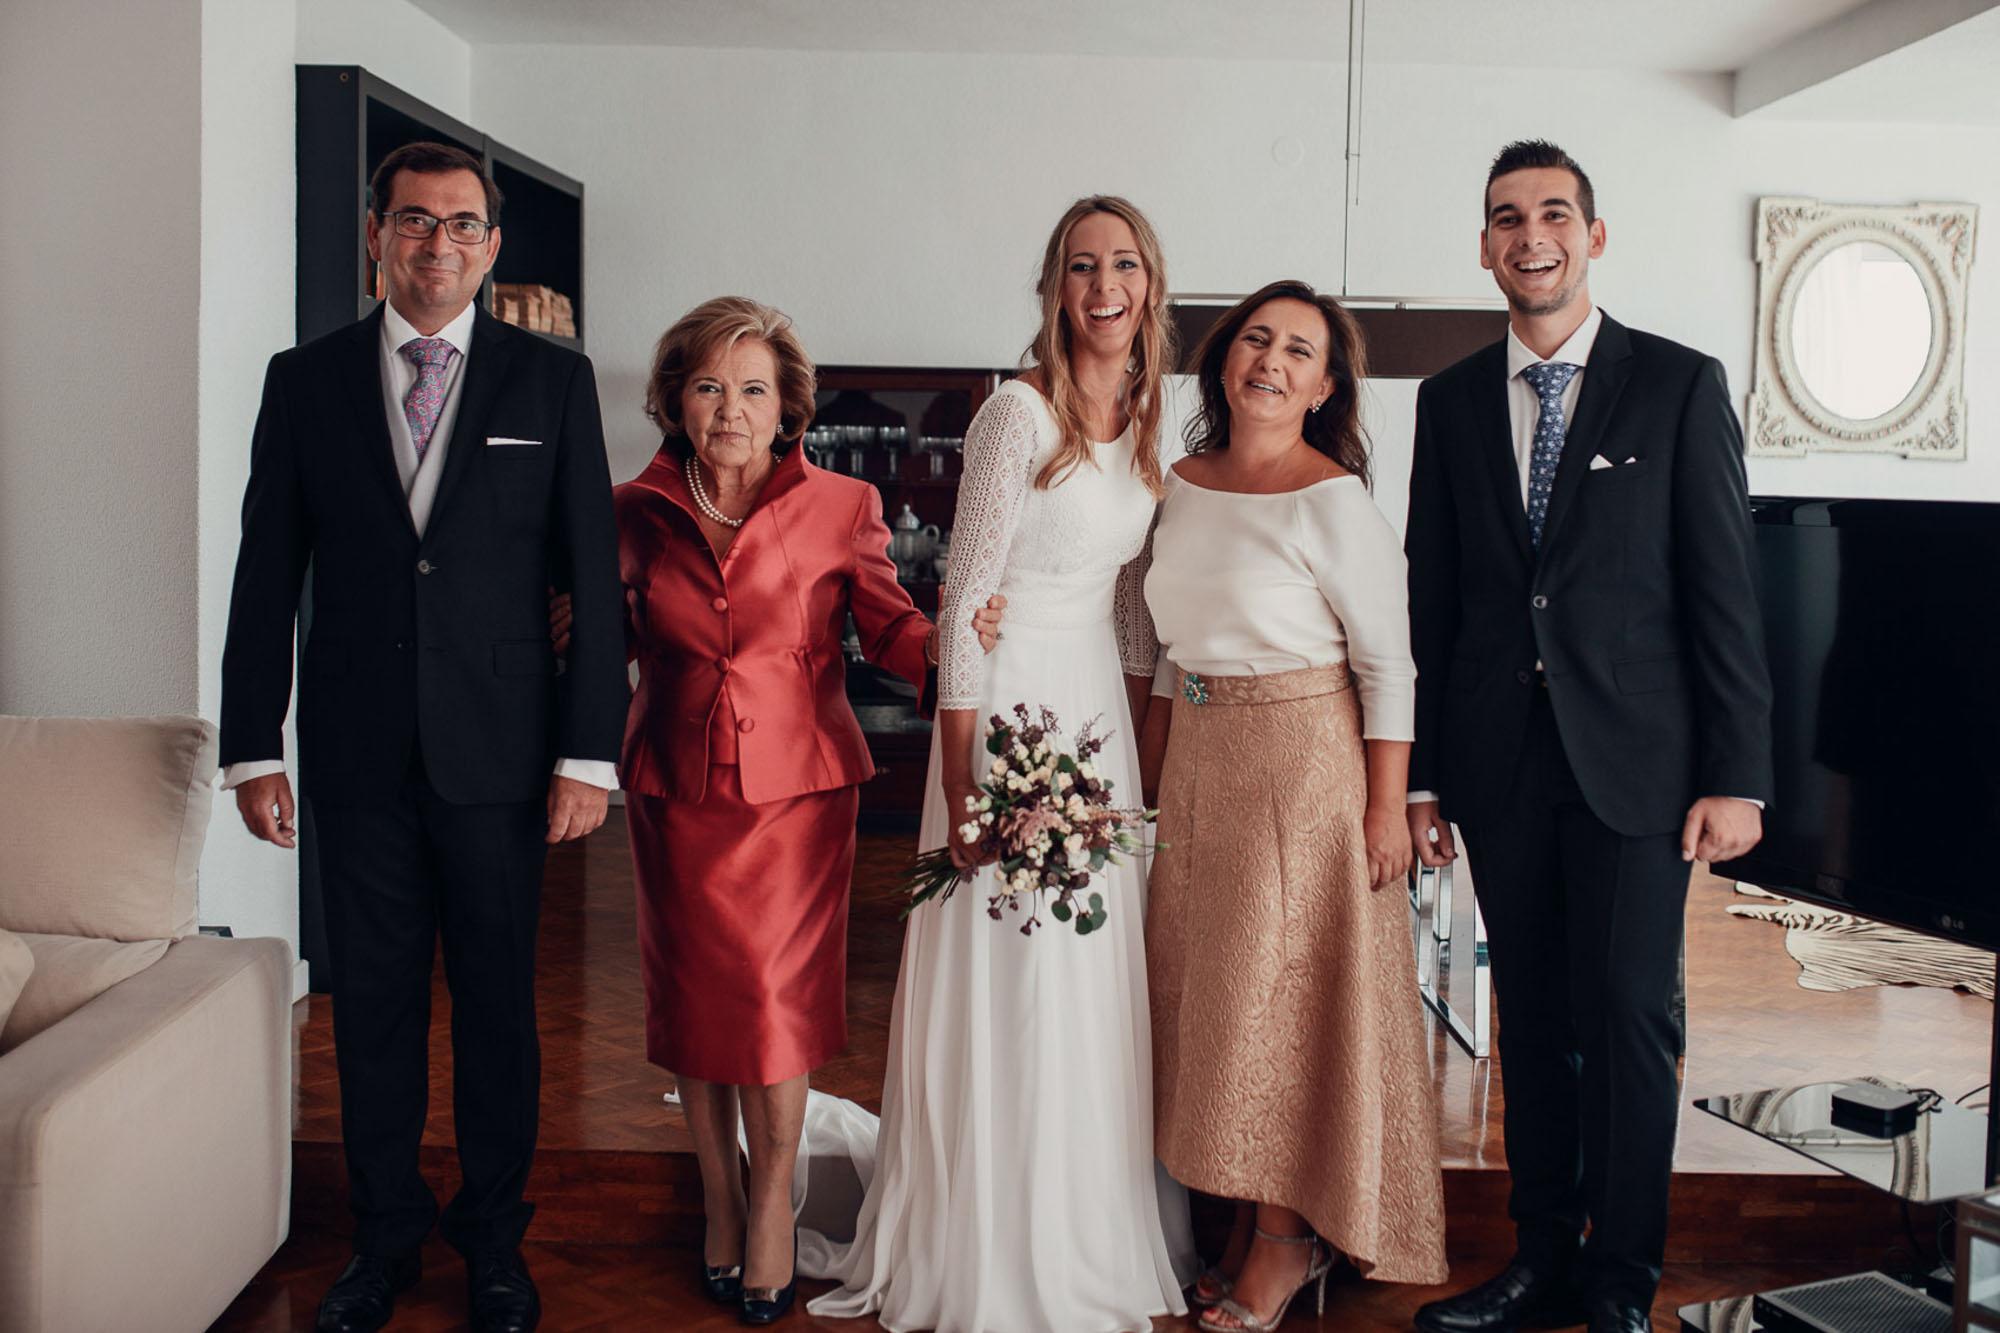 familia wedding casa ramo novia photography cabo de palos